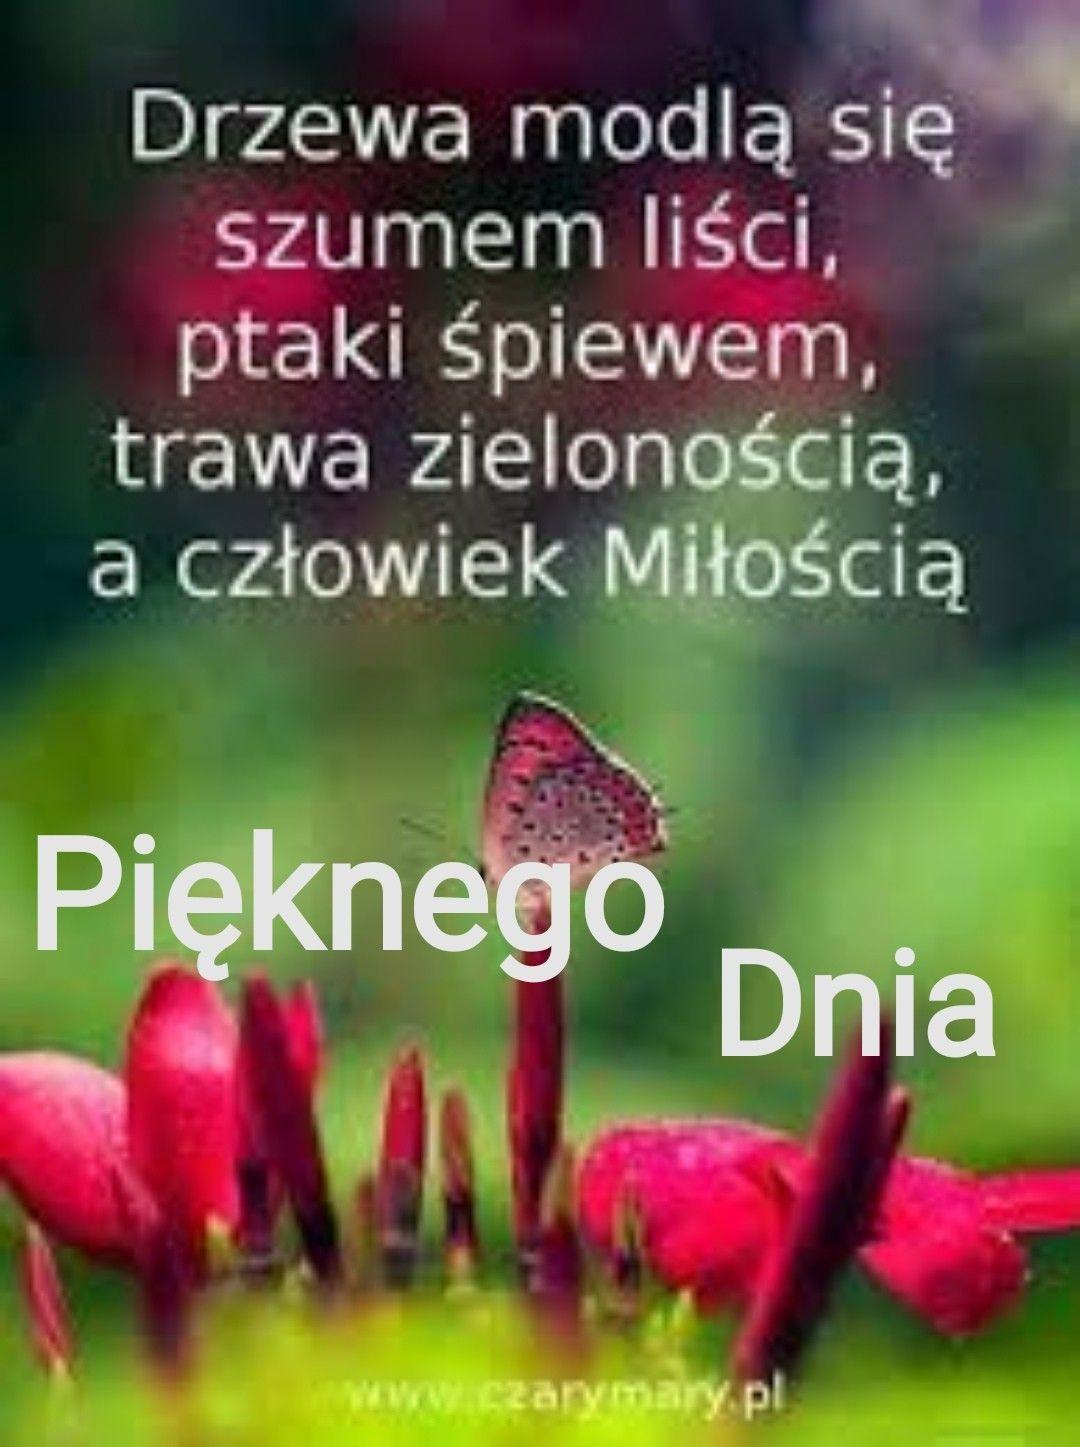 Pin By Gosia Kuzminska On Zyczenia In 2020